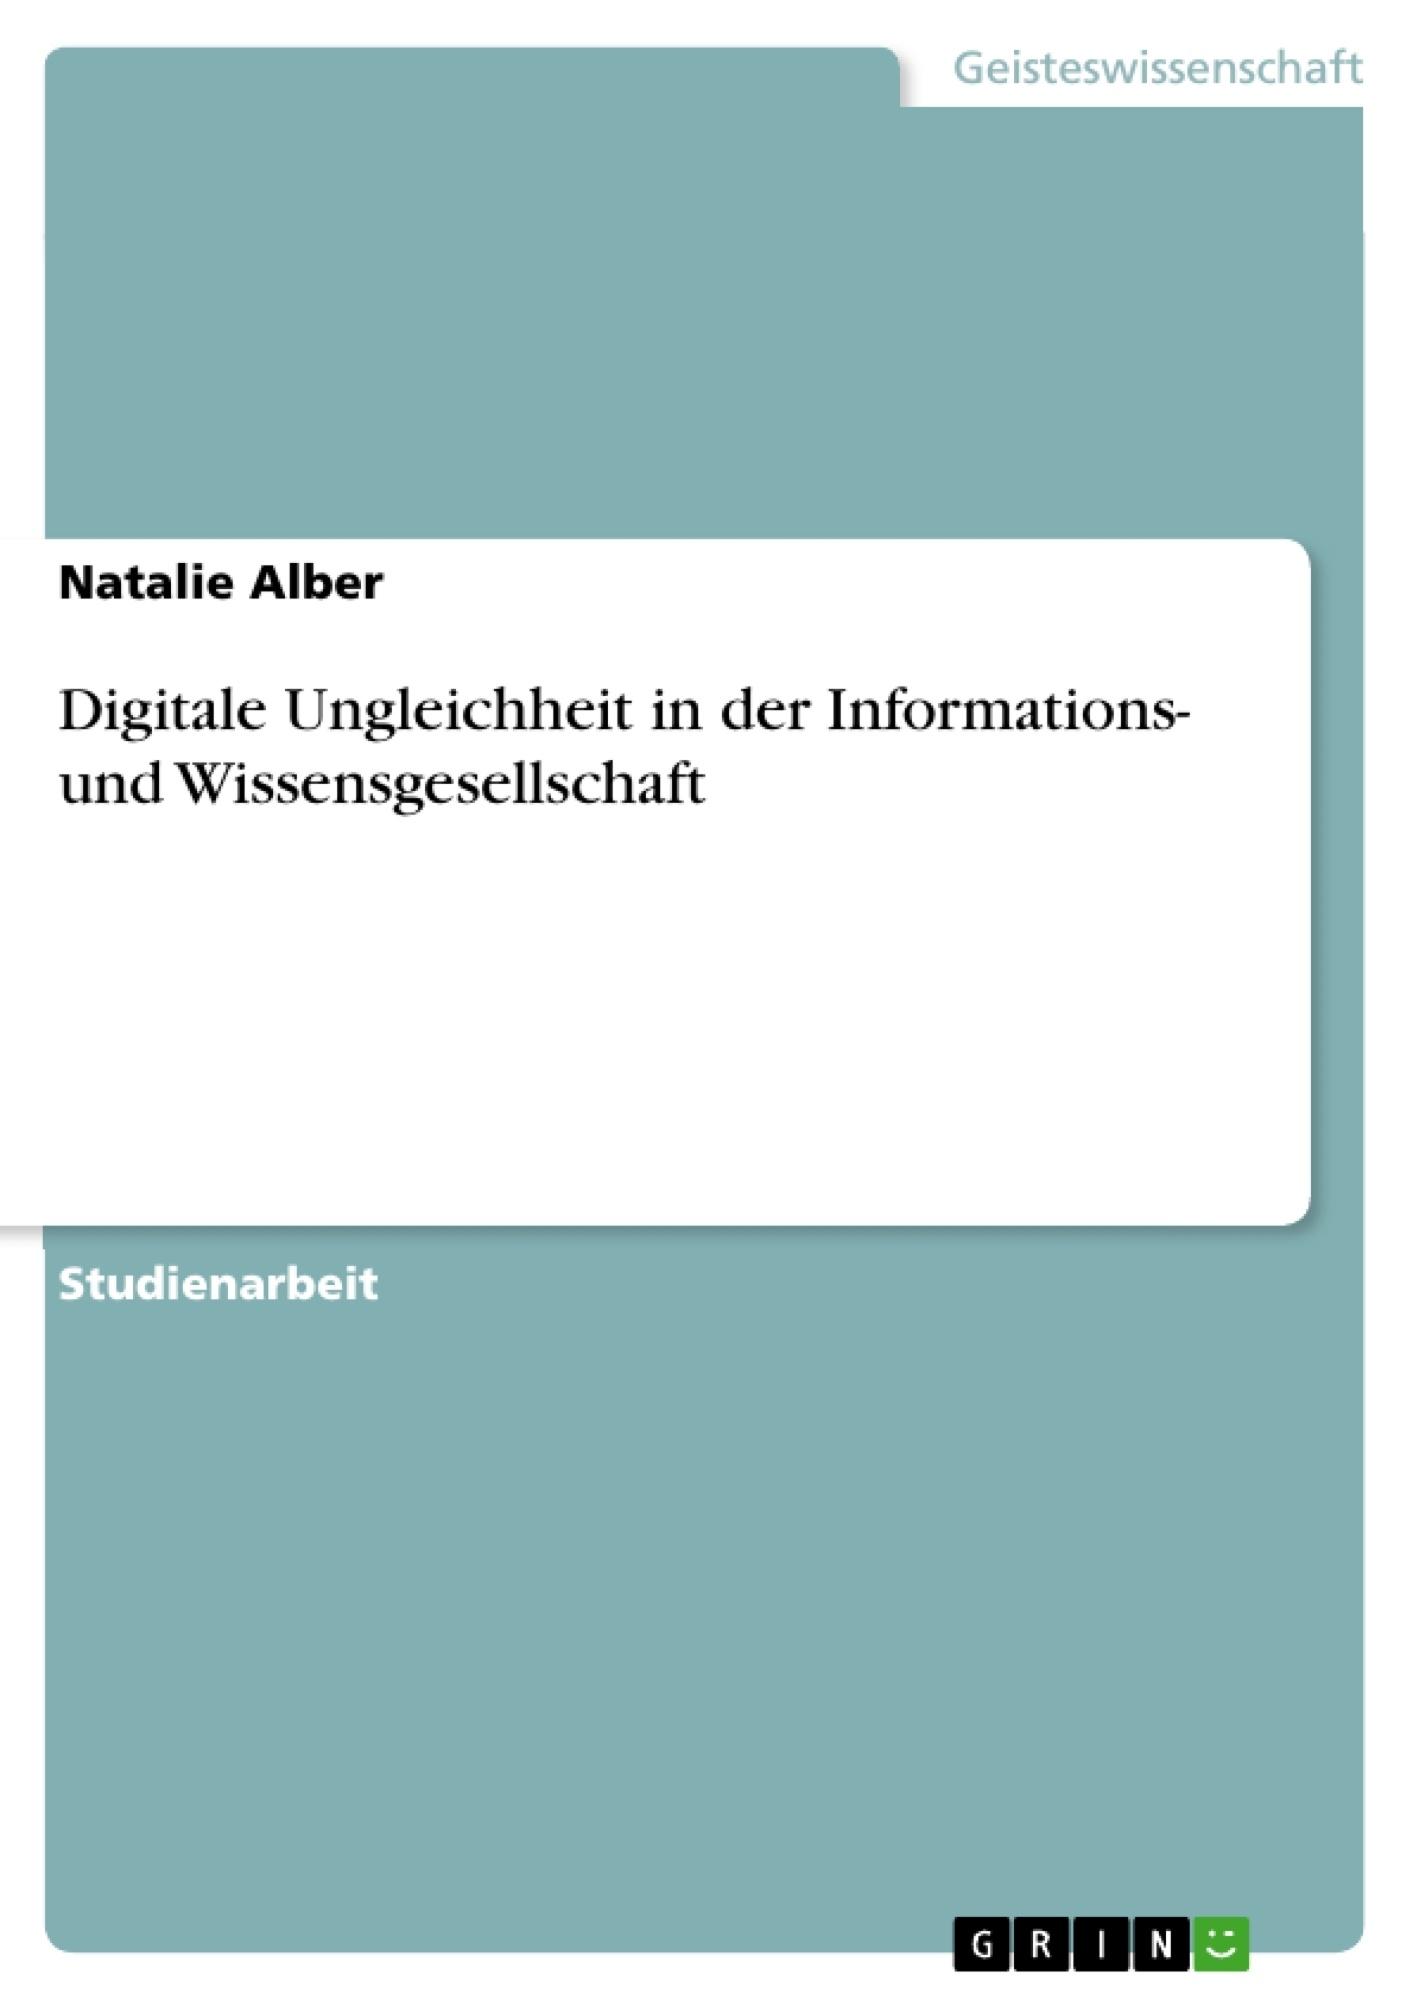 Titel: Digitale Ungleichheit in der Informations- und Wissensgesellschaft